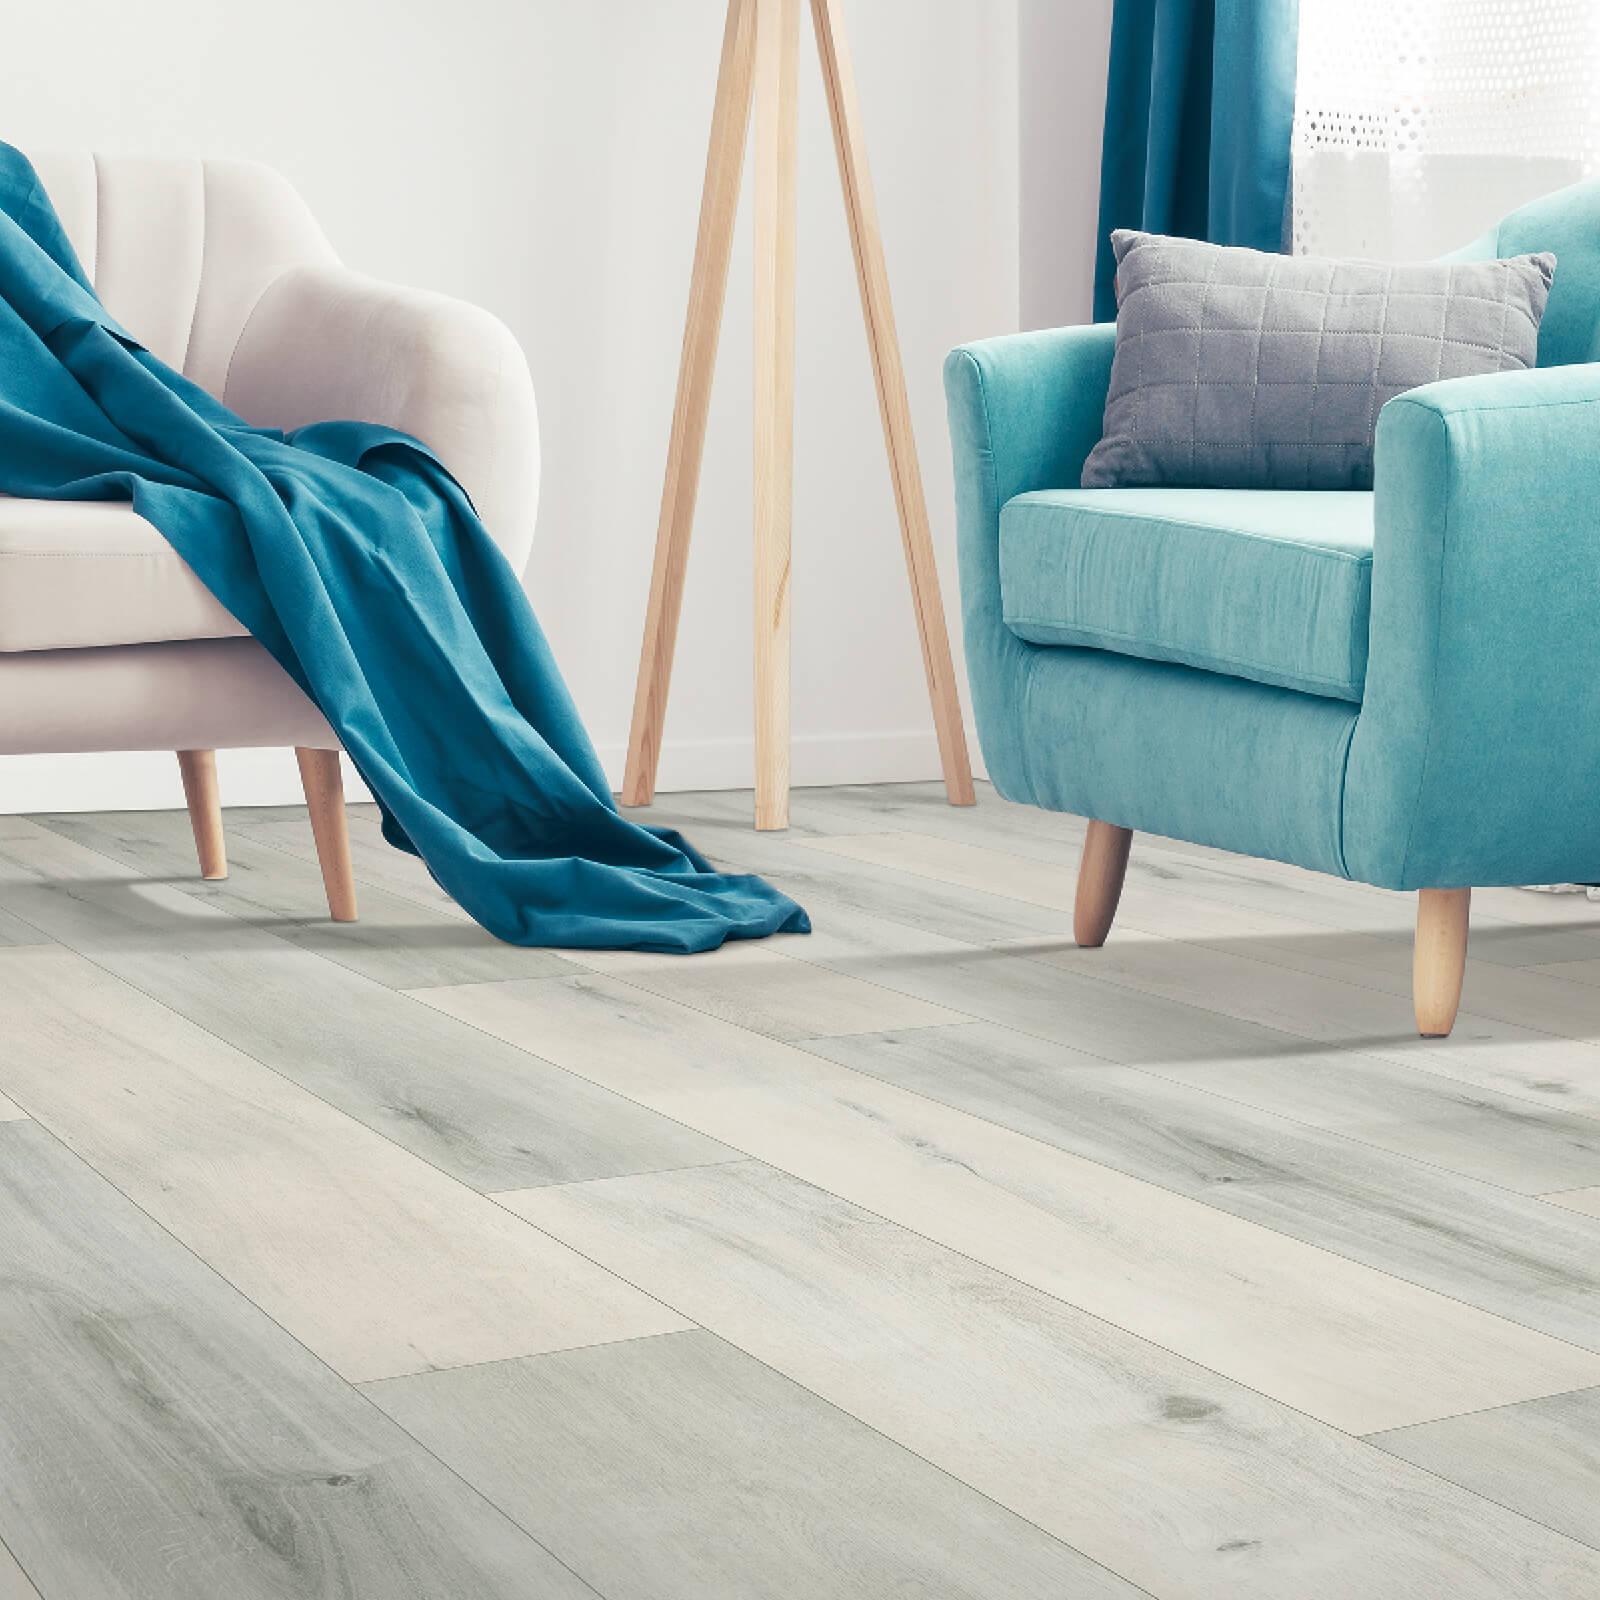 Hardwood flooring | McSwain Carpet & Floors